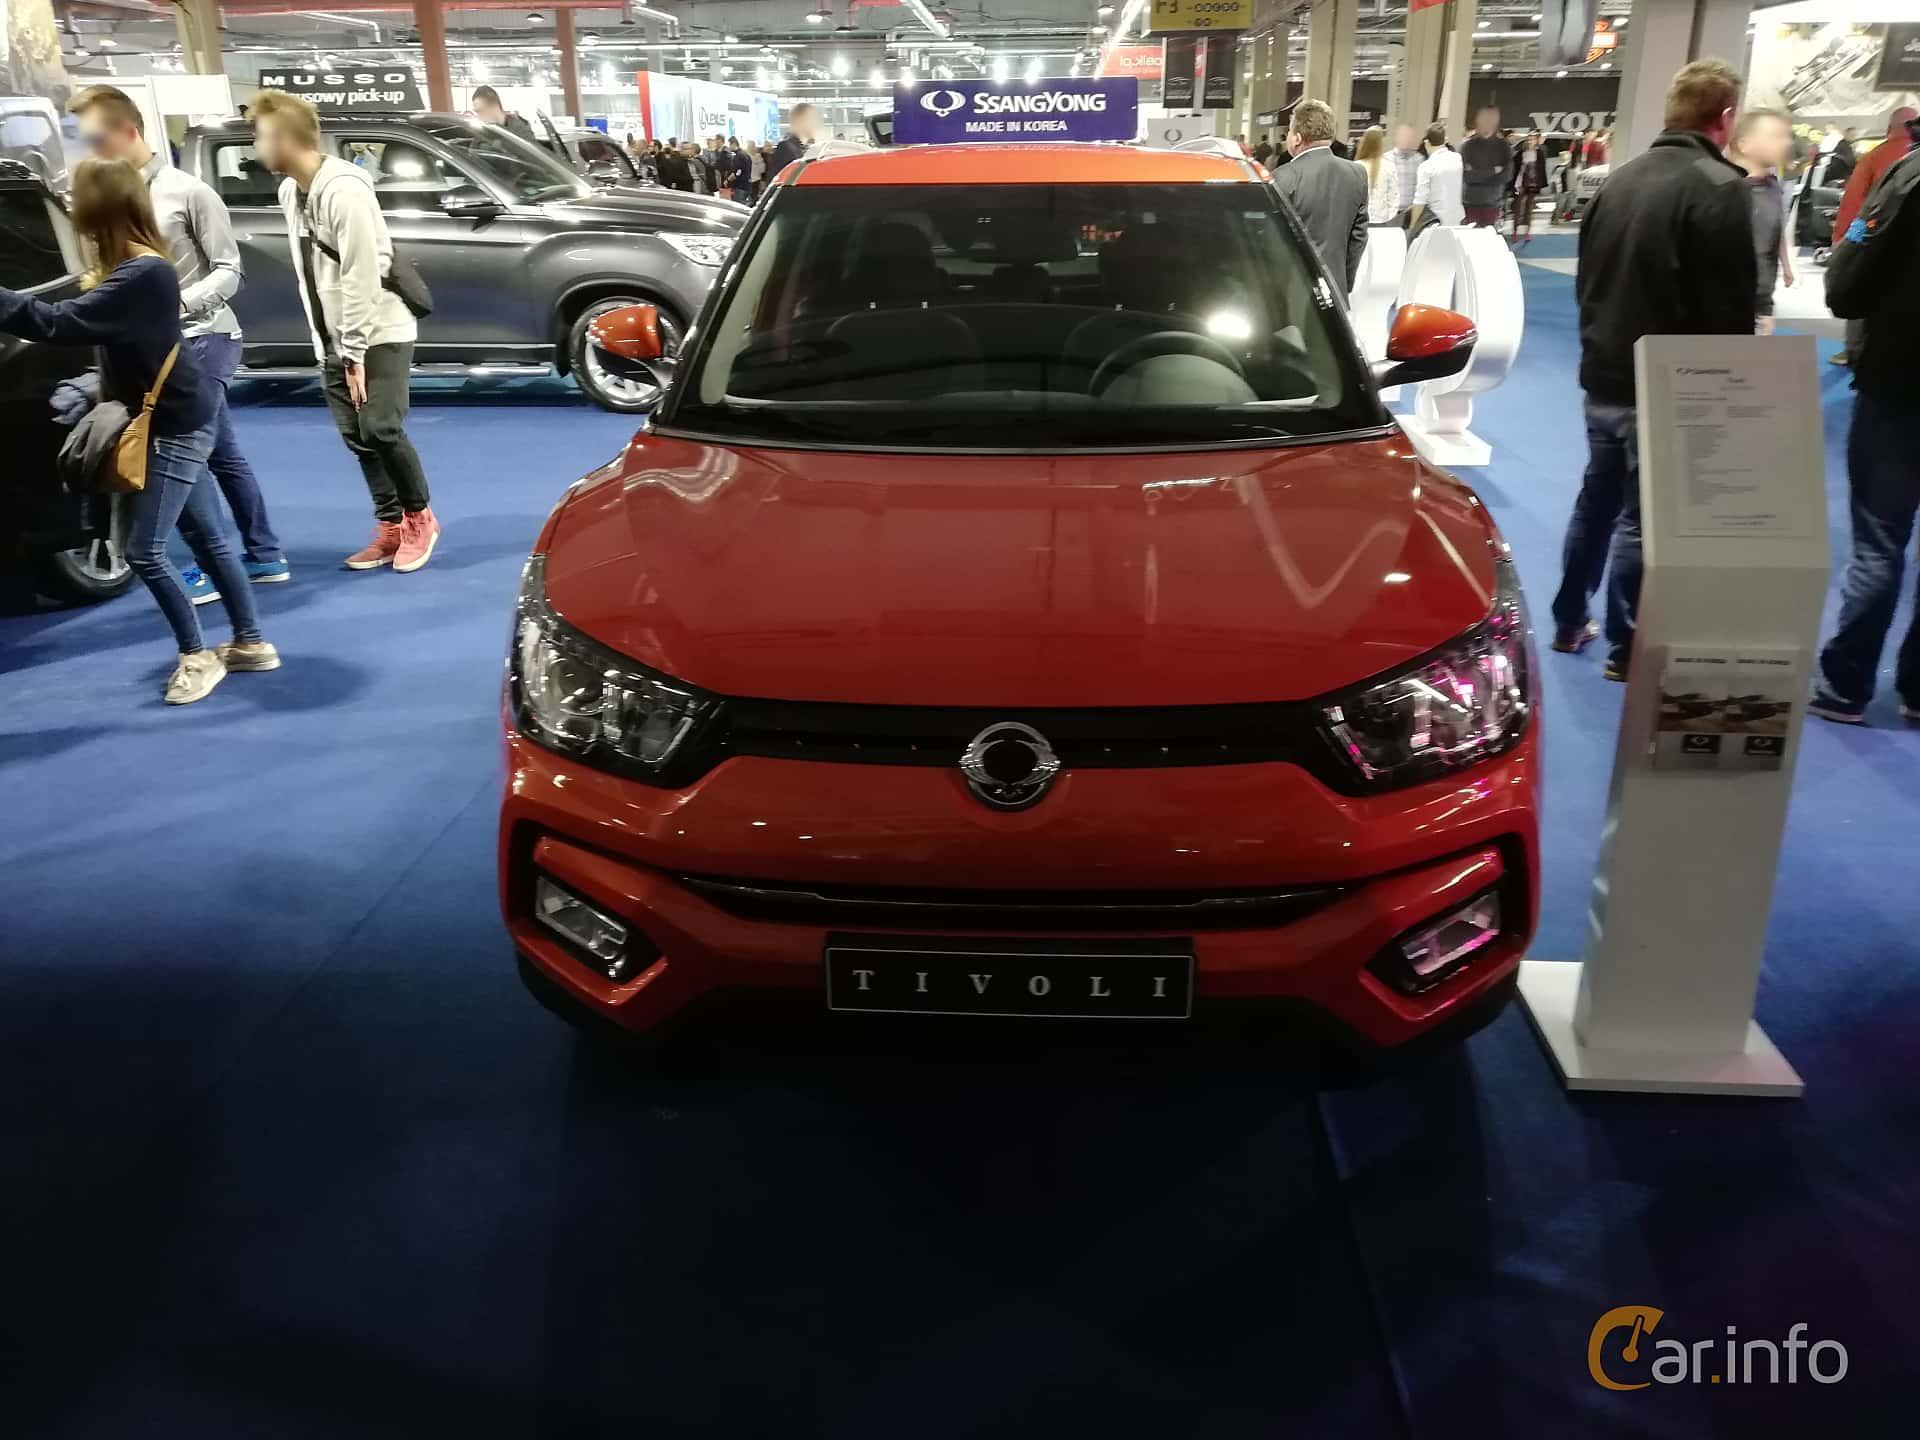 SsangYong Tivoli 1.6 e-GXI Manuell, 128hk, 2018 at Warsawa Motorshow 2018